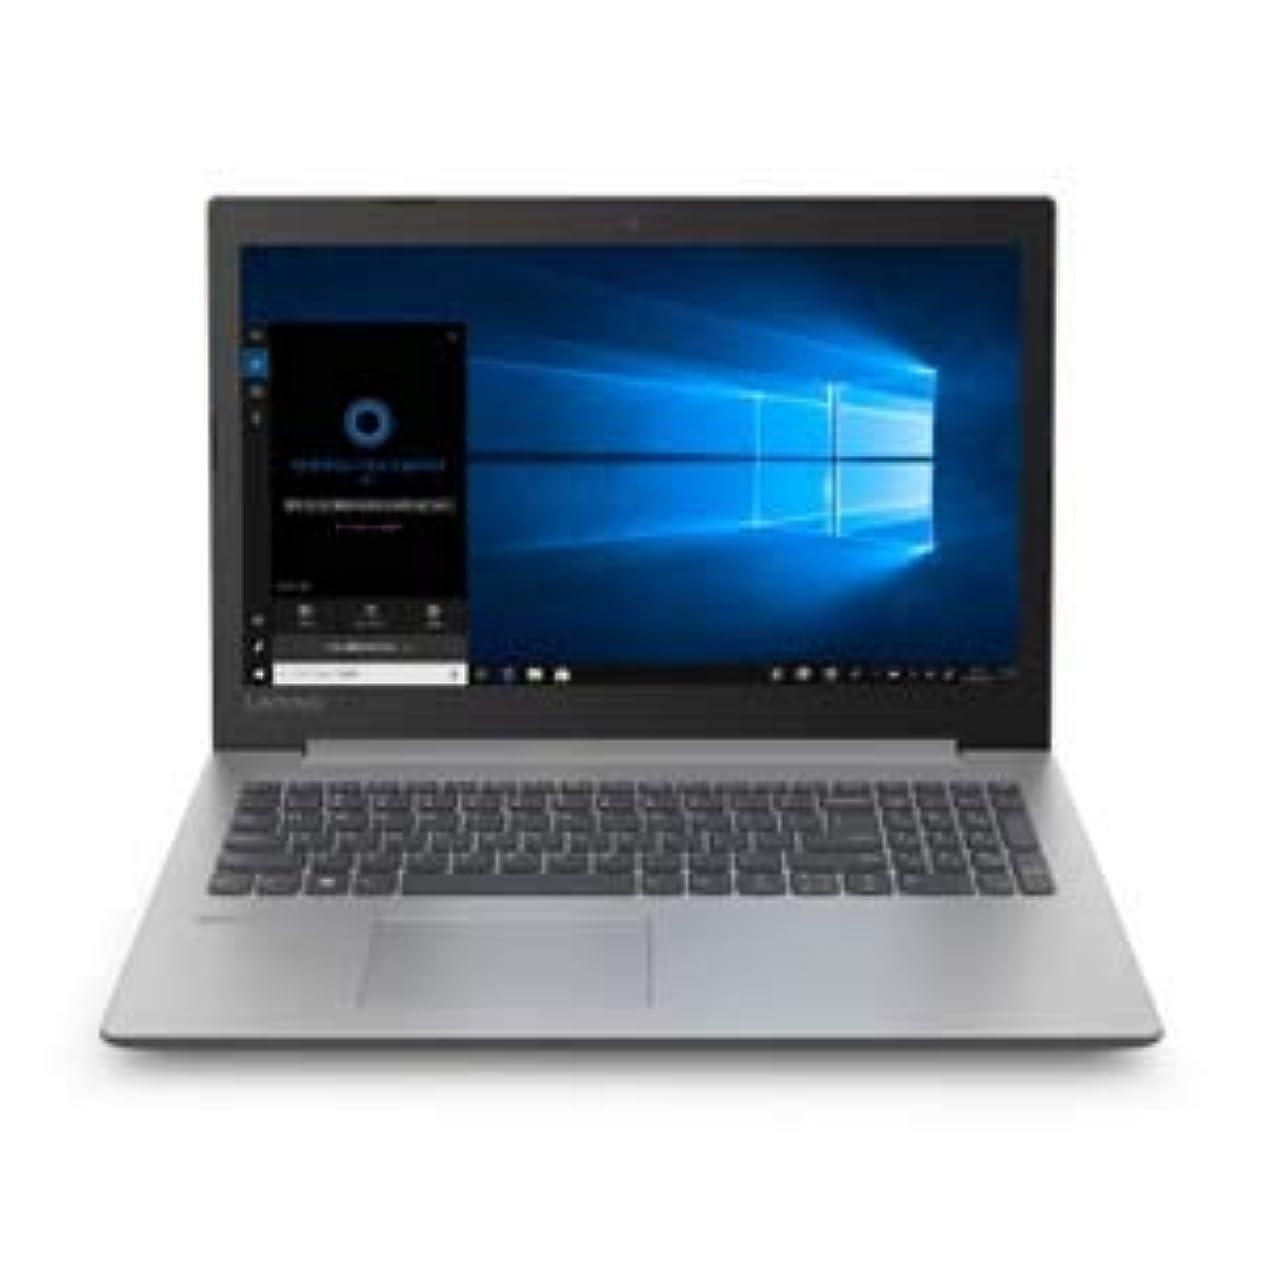 猟犬ギャップ渦Lenovo(レノボ) 15.6型 ノートパソコン Lenovo ideapad 330 プラチナグレー(Celeron 3867U/メモリ 4GB/SSD 128GB/DVD/Office H&B 2019) 81DE02WUJP